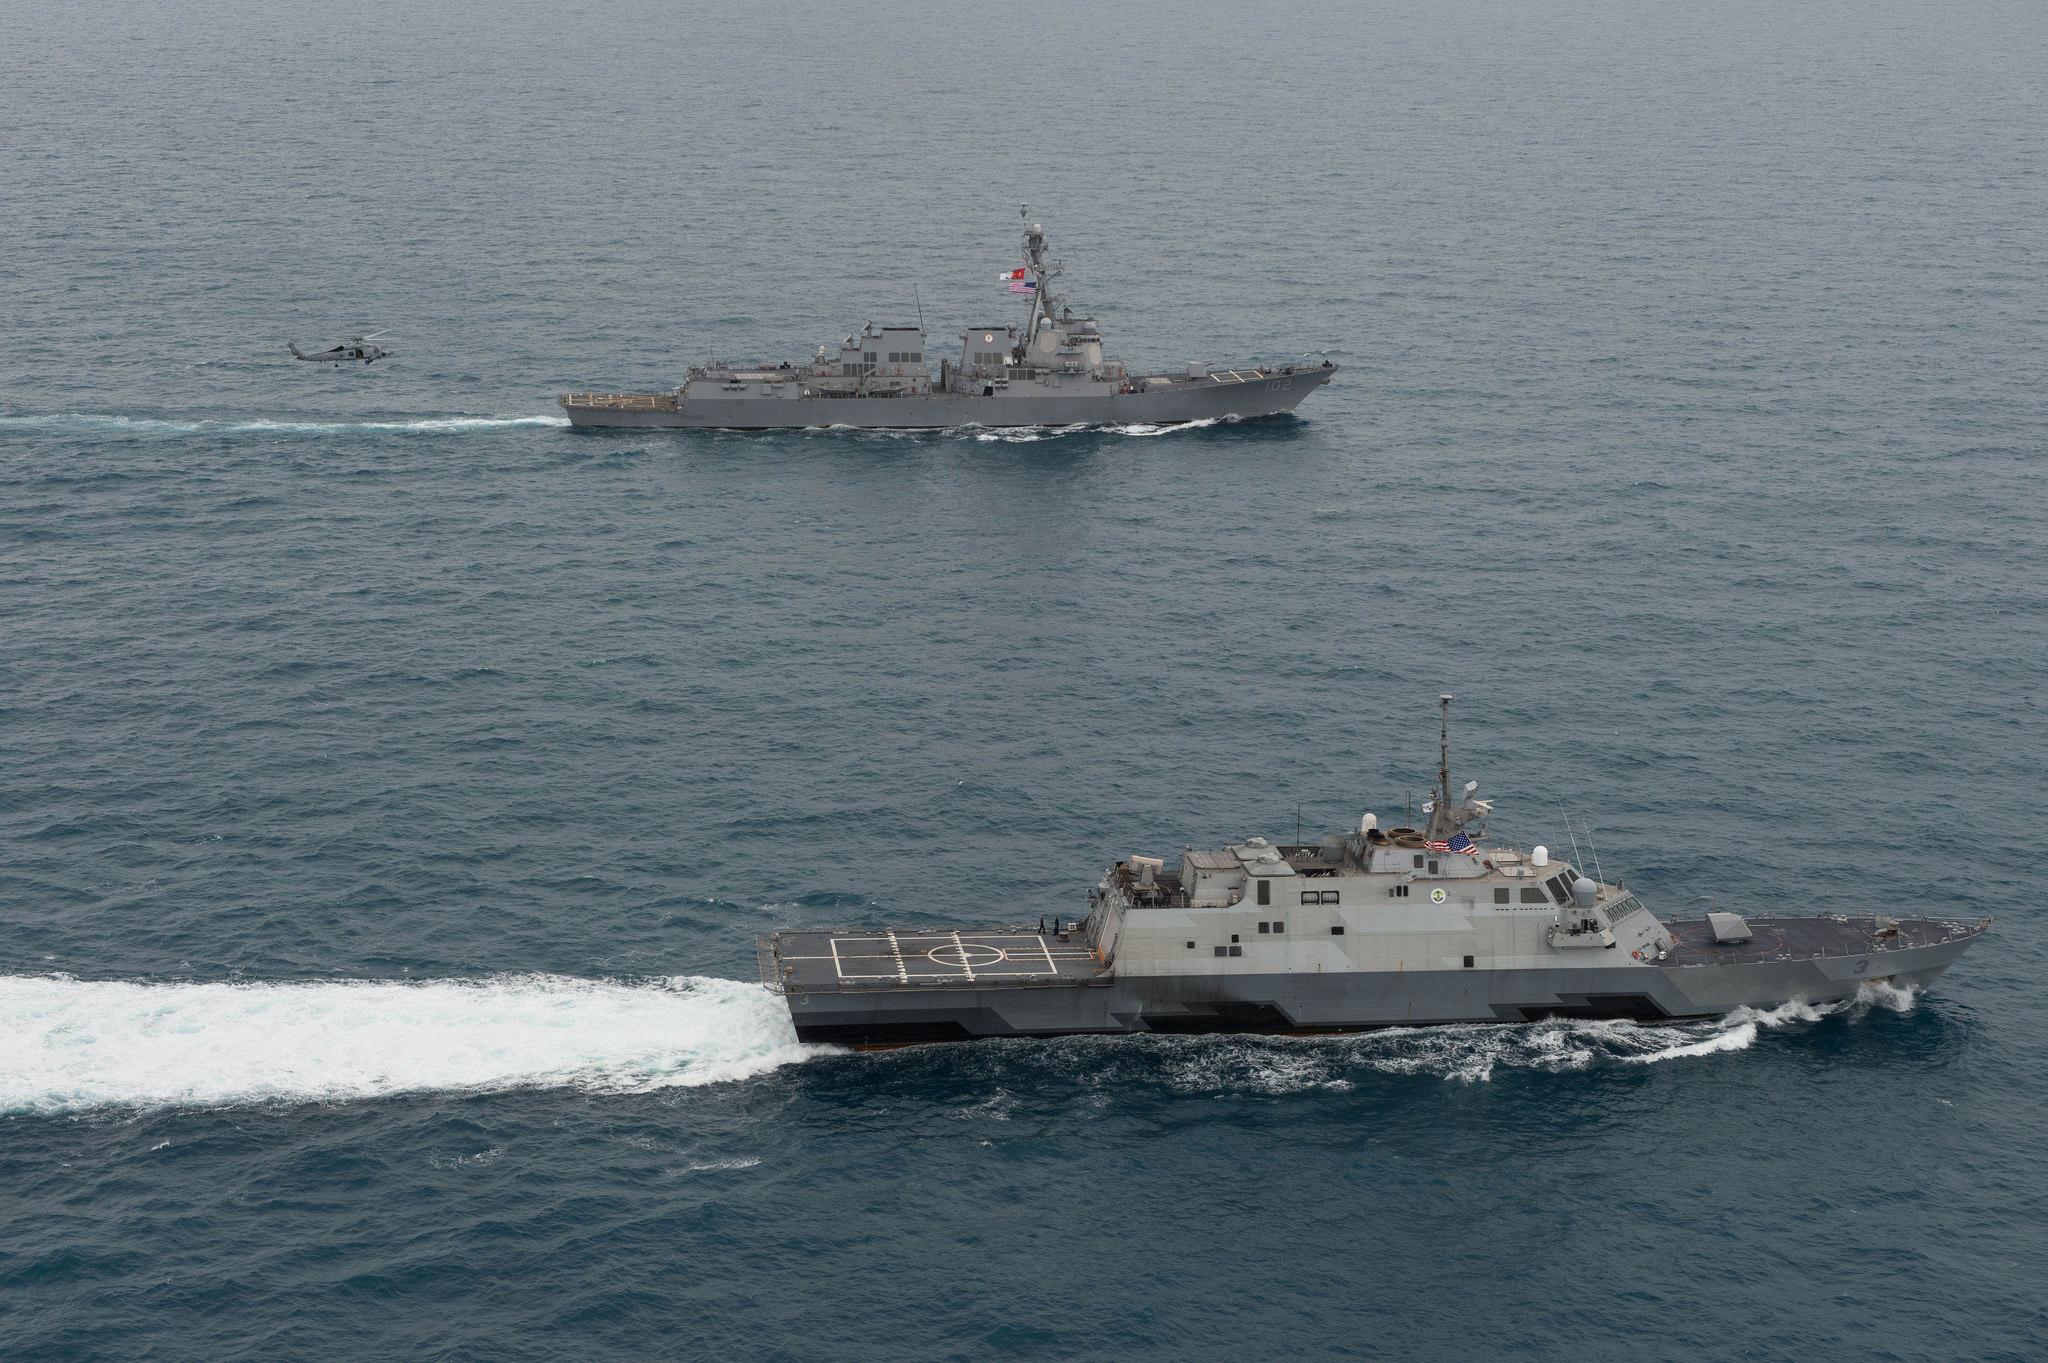 USS FORT WORTH LCS-3 und USS SAMPSON DDG-102 am 14.01.2015 in der Java-See Bild: U.S. Navy